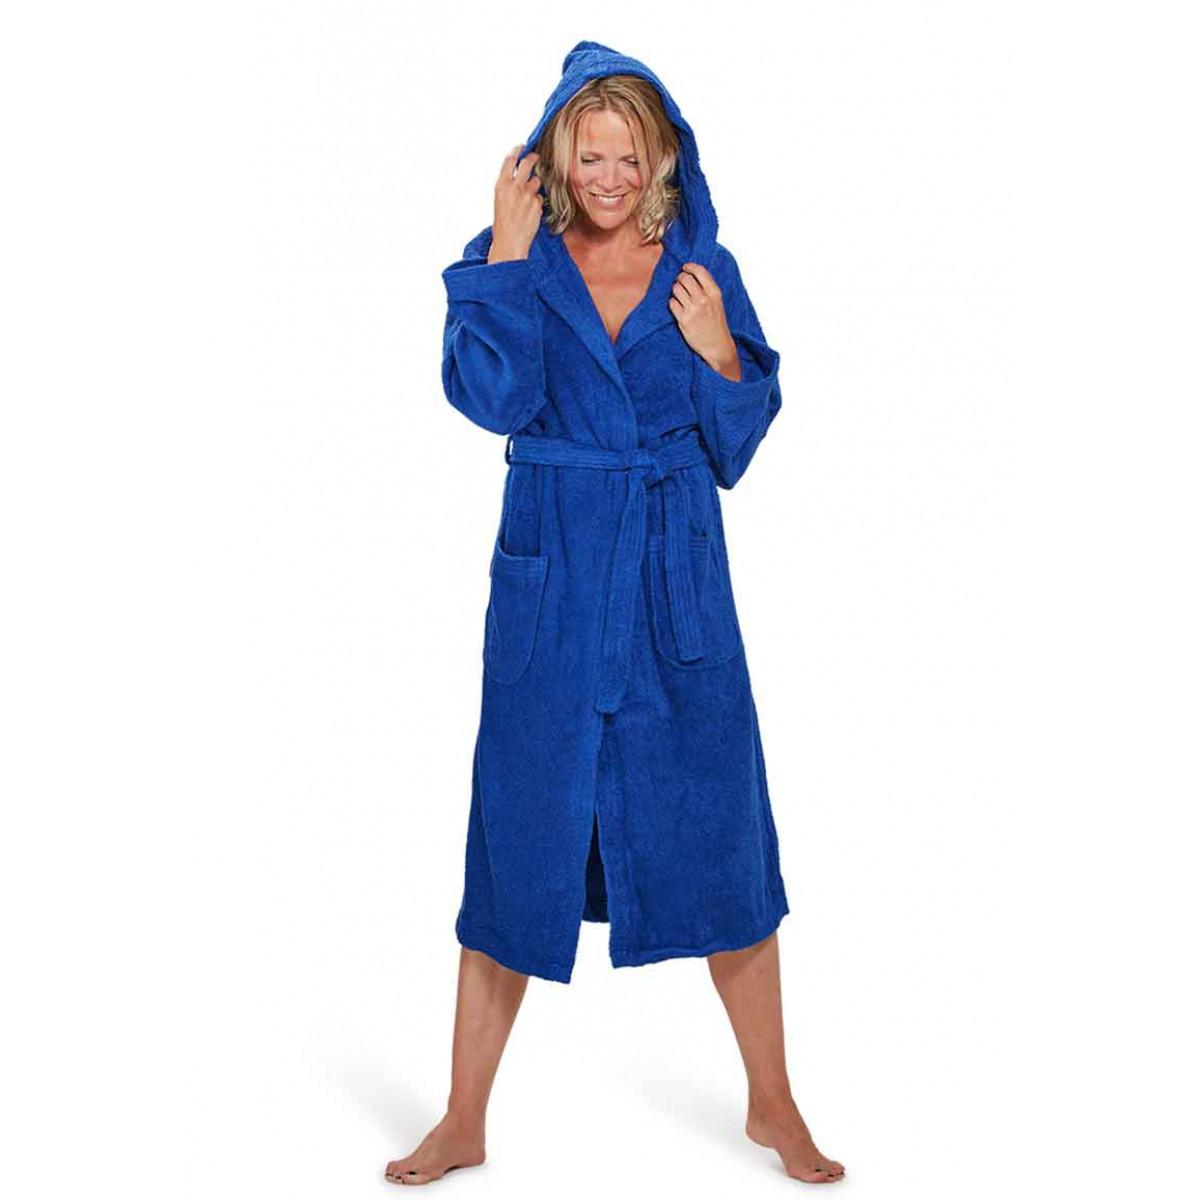 capuchon badjas dames kobaltblauw